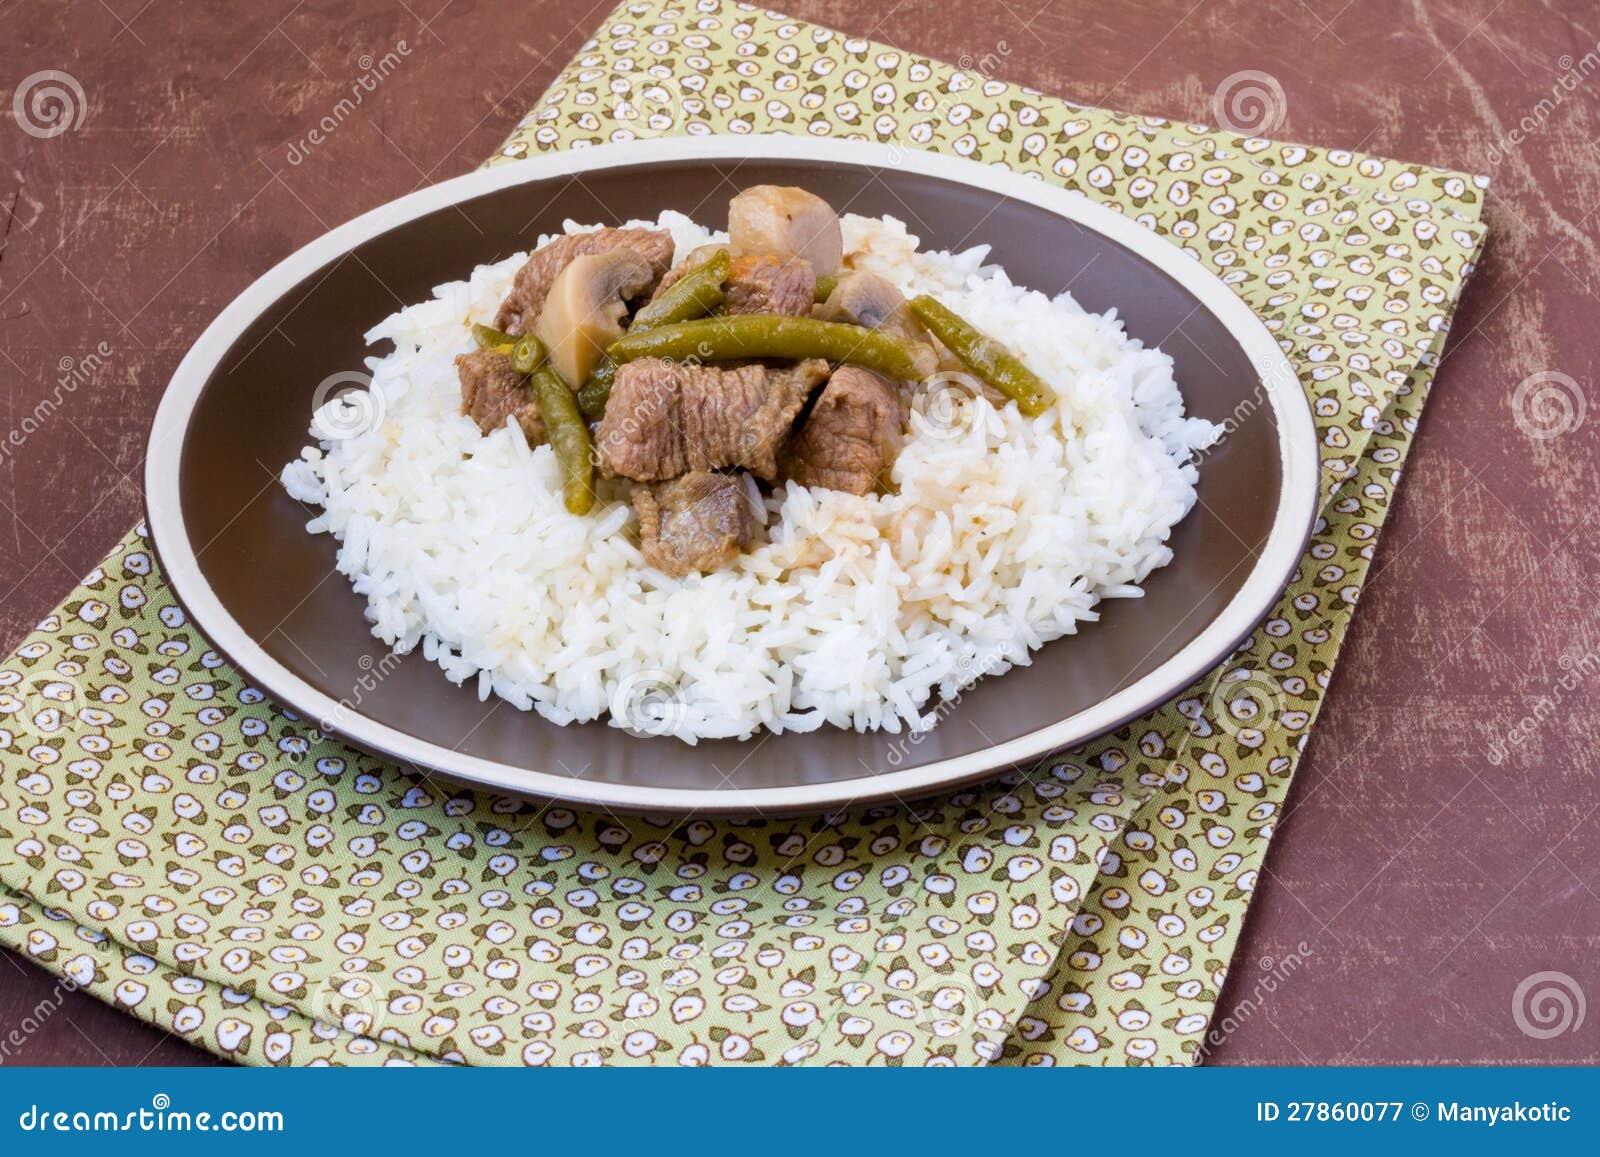 Wołowina z pieczarkami, warzywami i ryż